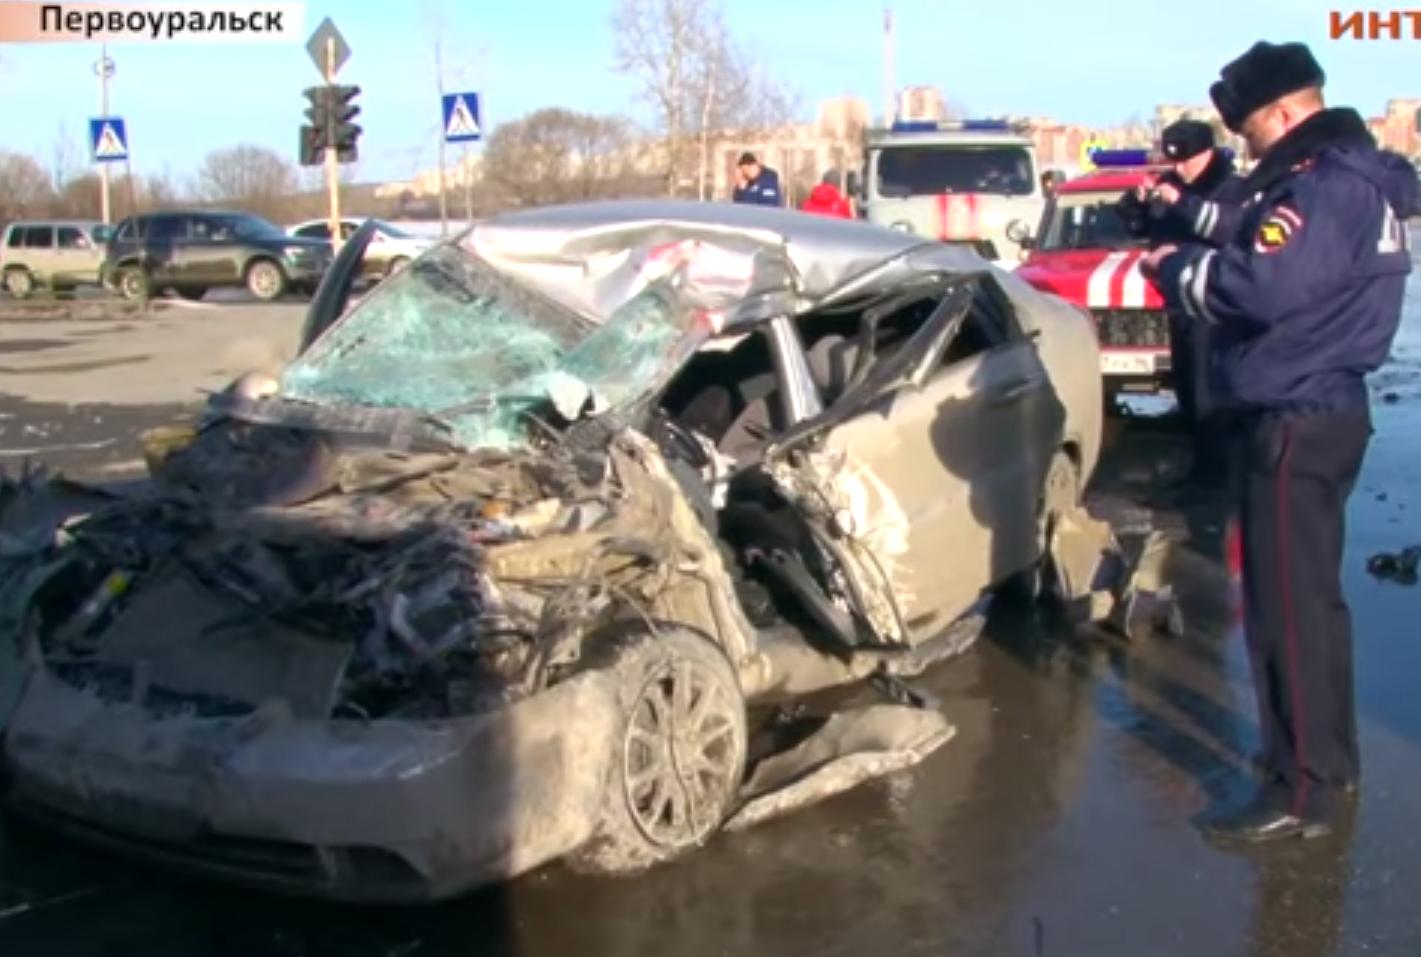 Родственники водителя, погибшего после ДТП с пожарной машиной в Первоуральске, ищут свидетелей аварии